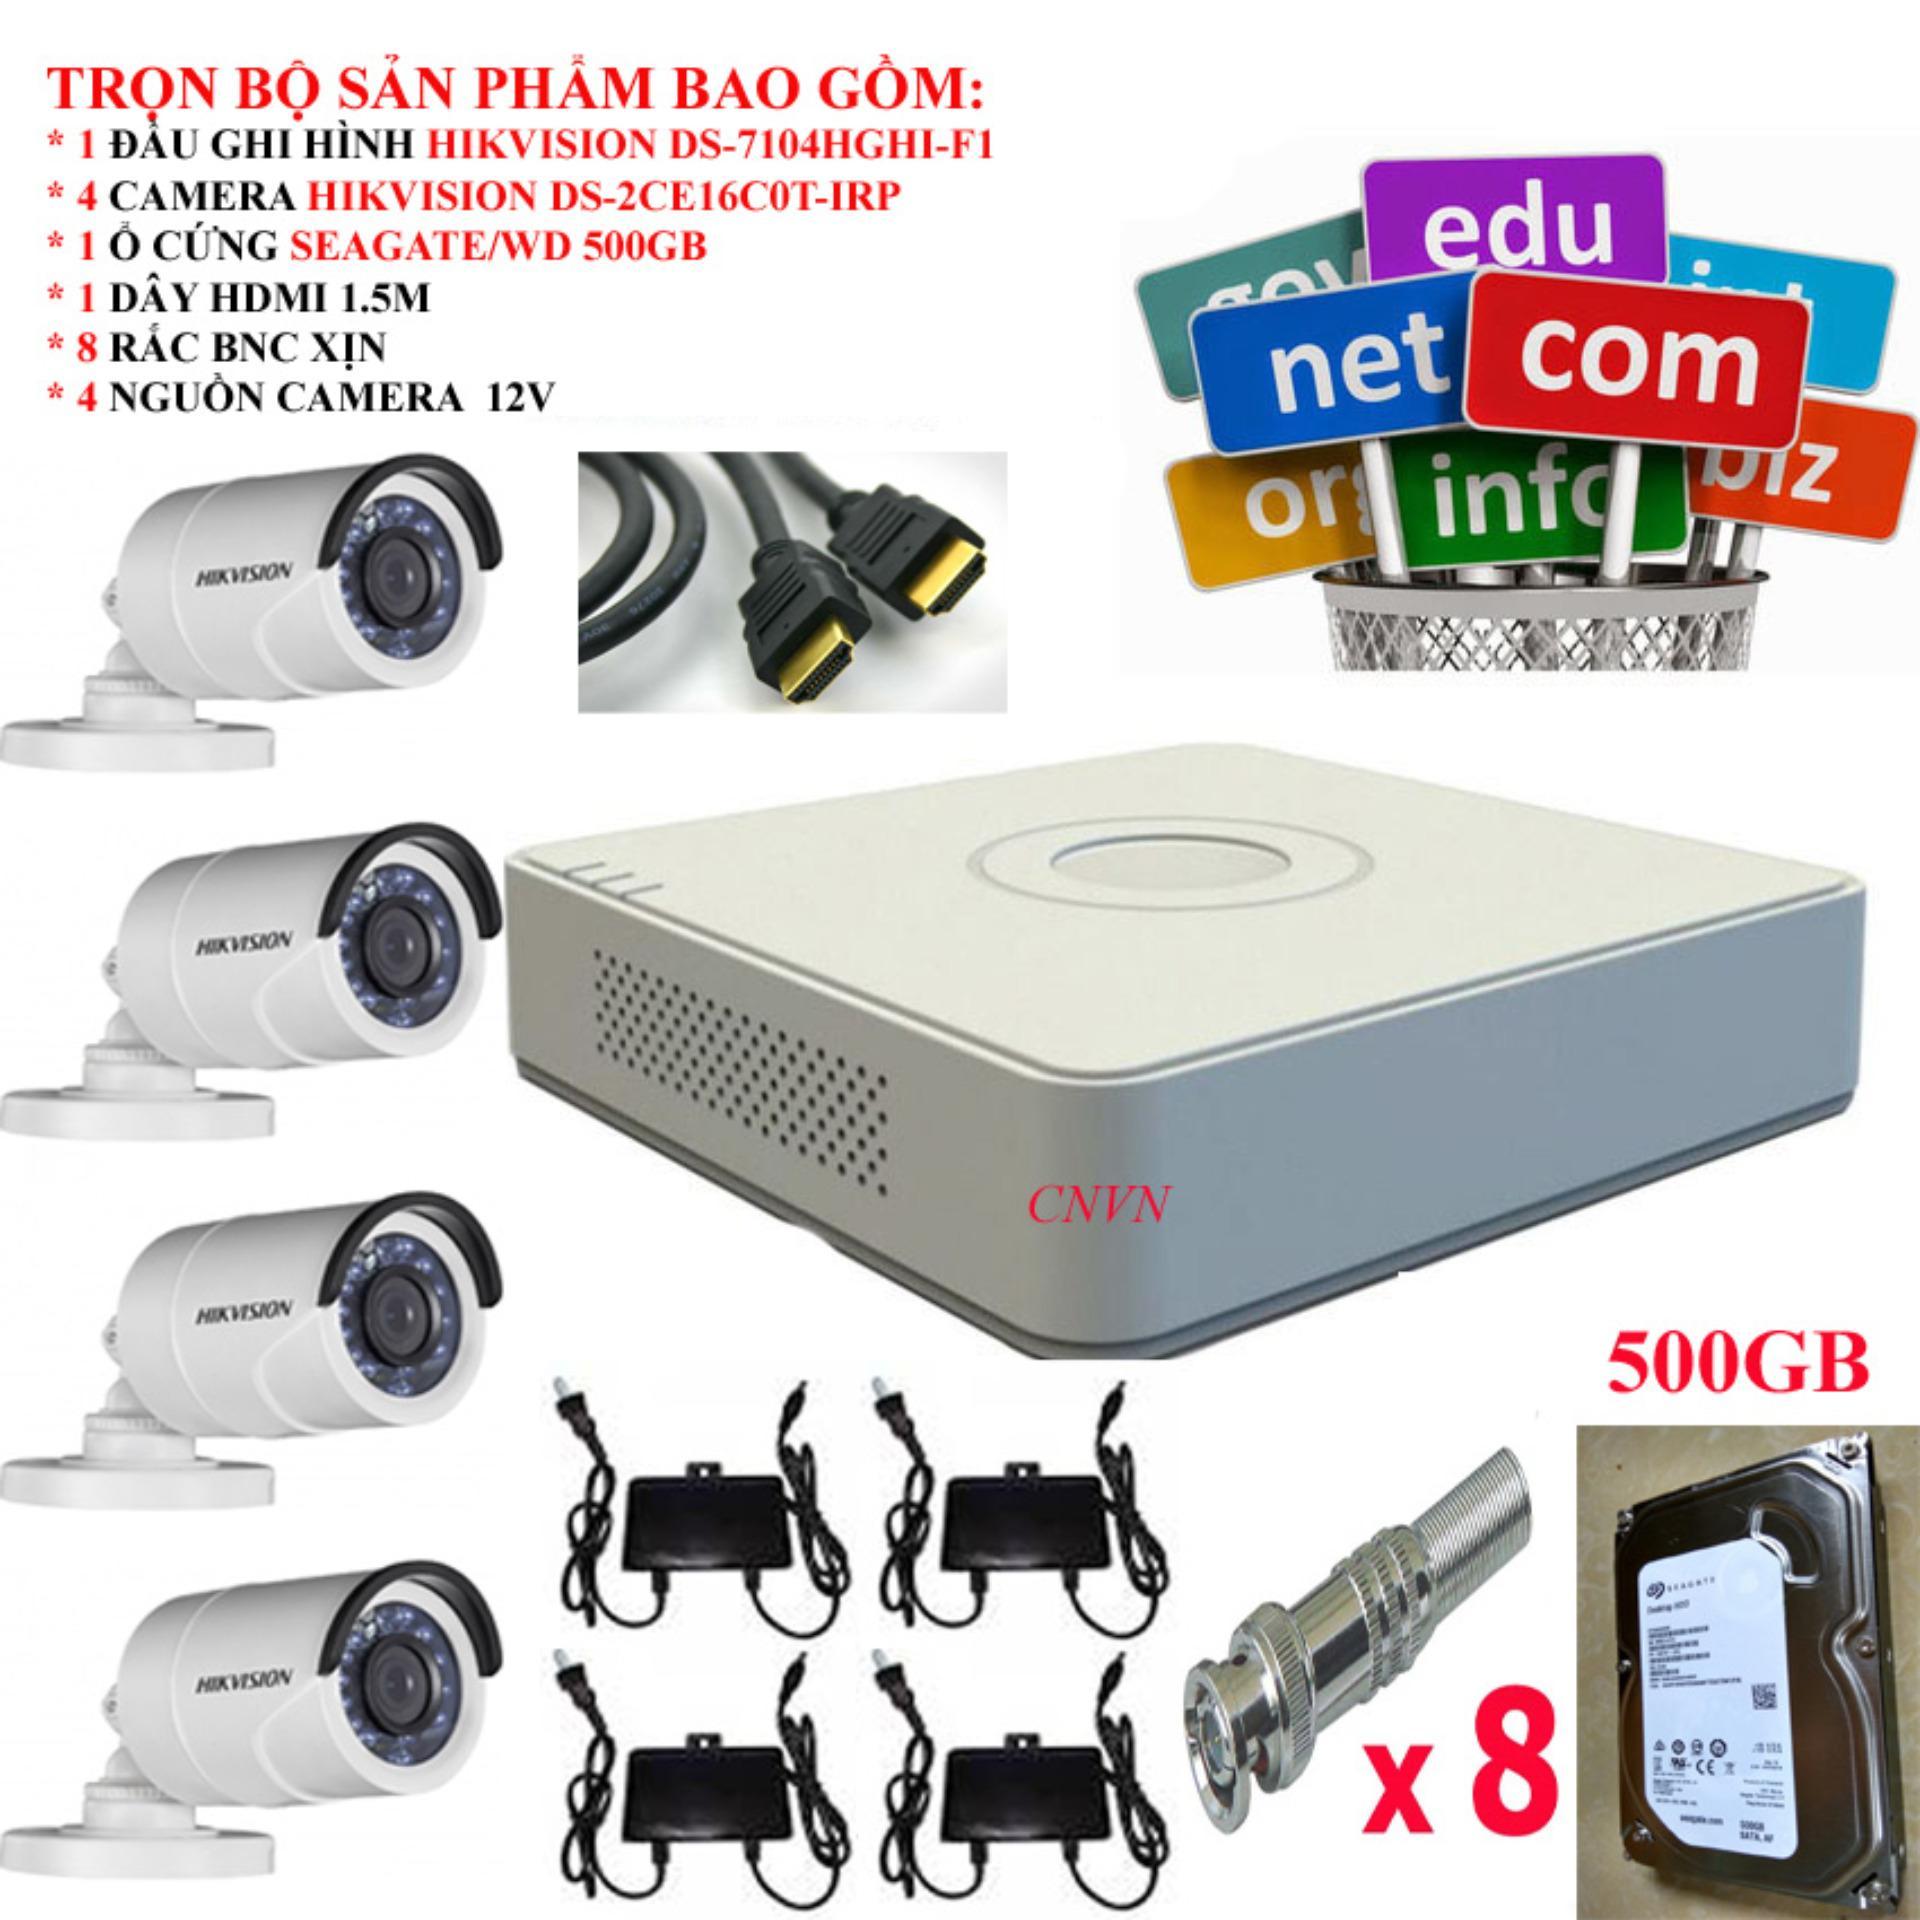 Hình ảnh Trọn bộ 4 Camera Hikvision: DS-7104HGHI-F1 + 4 Camera HD 720P DS-2CE16C0T-IRP + 1 ổ cứng Seagate /WD 500GB + 4 Nguồn nhện xịn 12V + 8 Rắc BNC + 1 dây HDMI